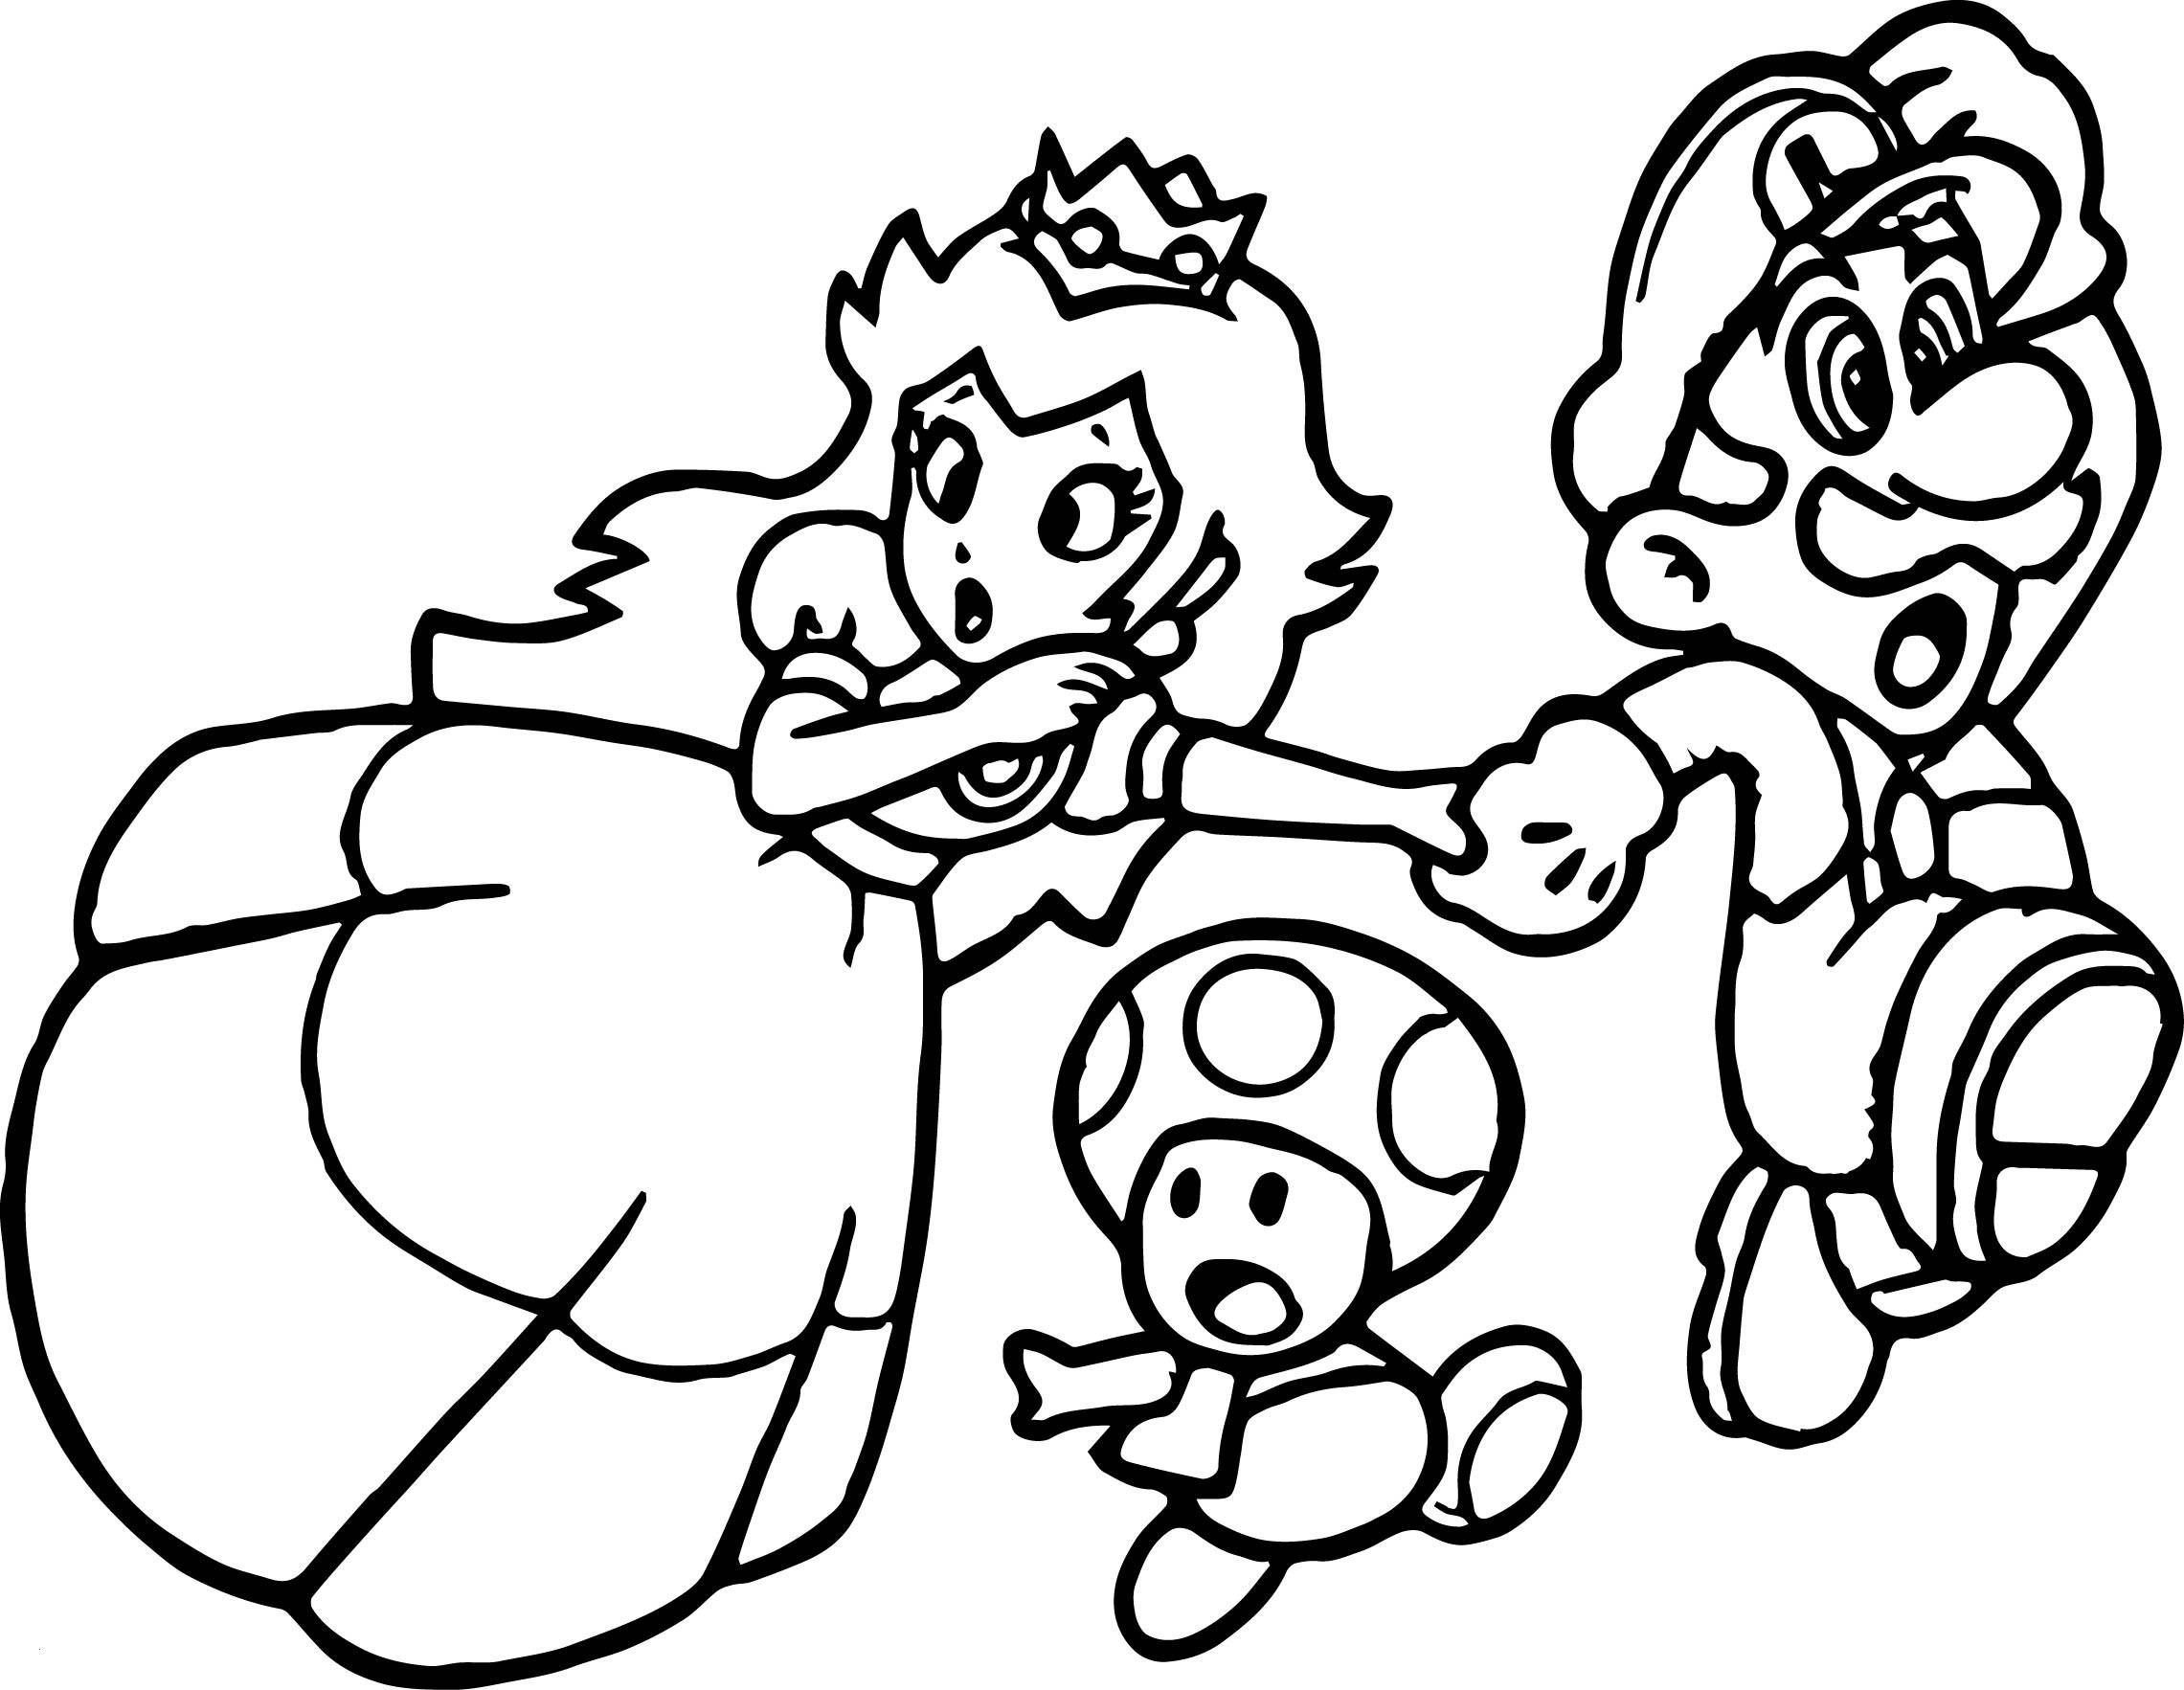 Malvorlage Super Mario Frisch 28 Schön Mario Und Luigi Ausmalbilder Mickeycarrollmunchkin Genial Bilder